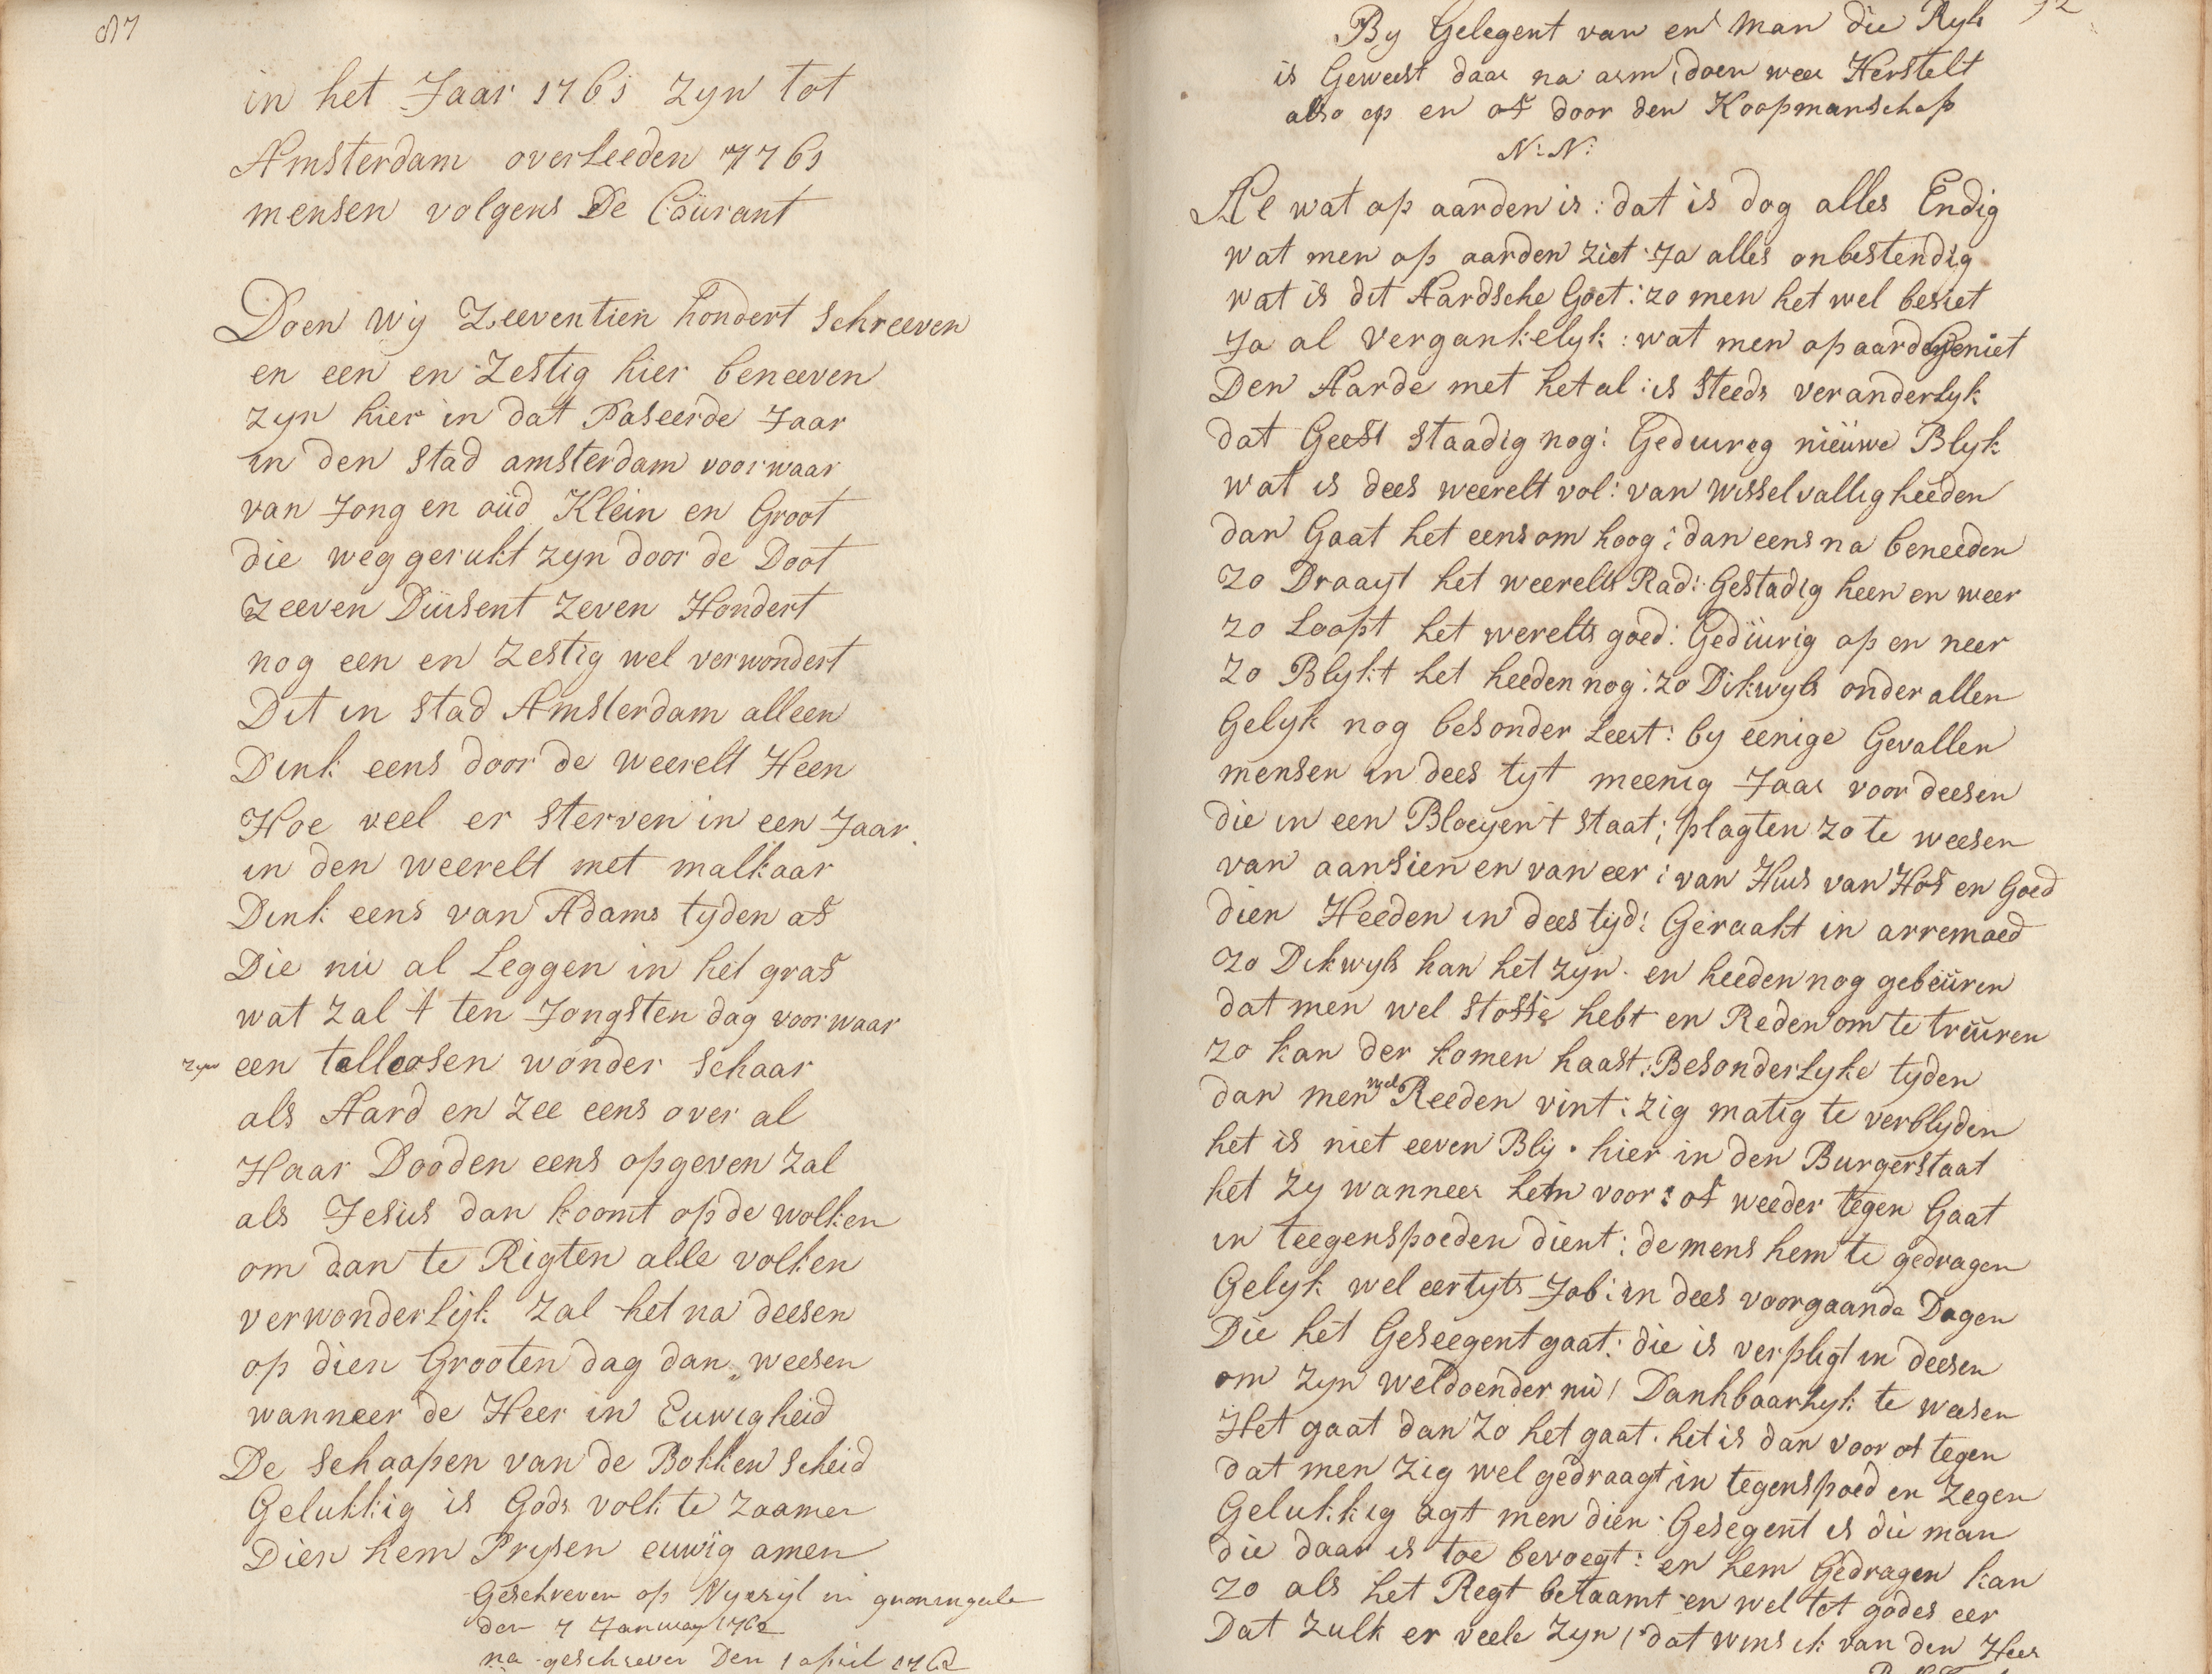 in het Jaar 1761 zijn tot Amsterdam overleeden 7761 mensen volgens De Couran